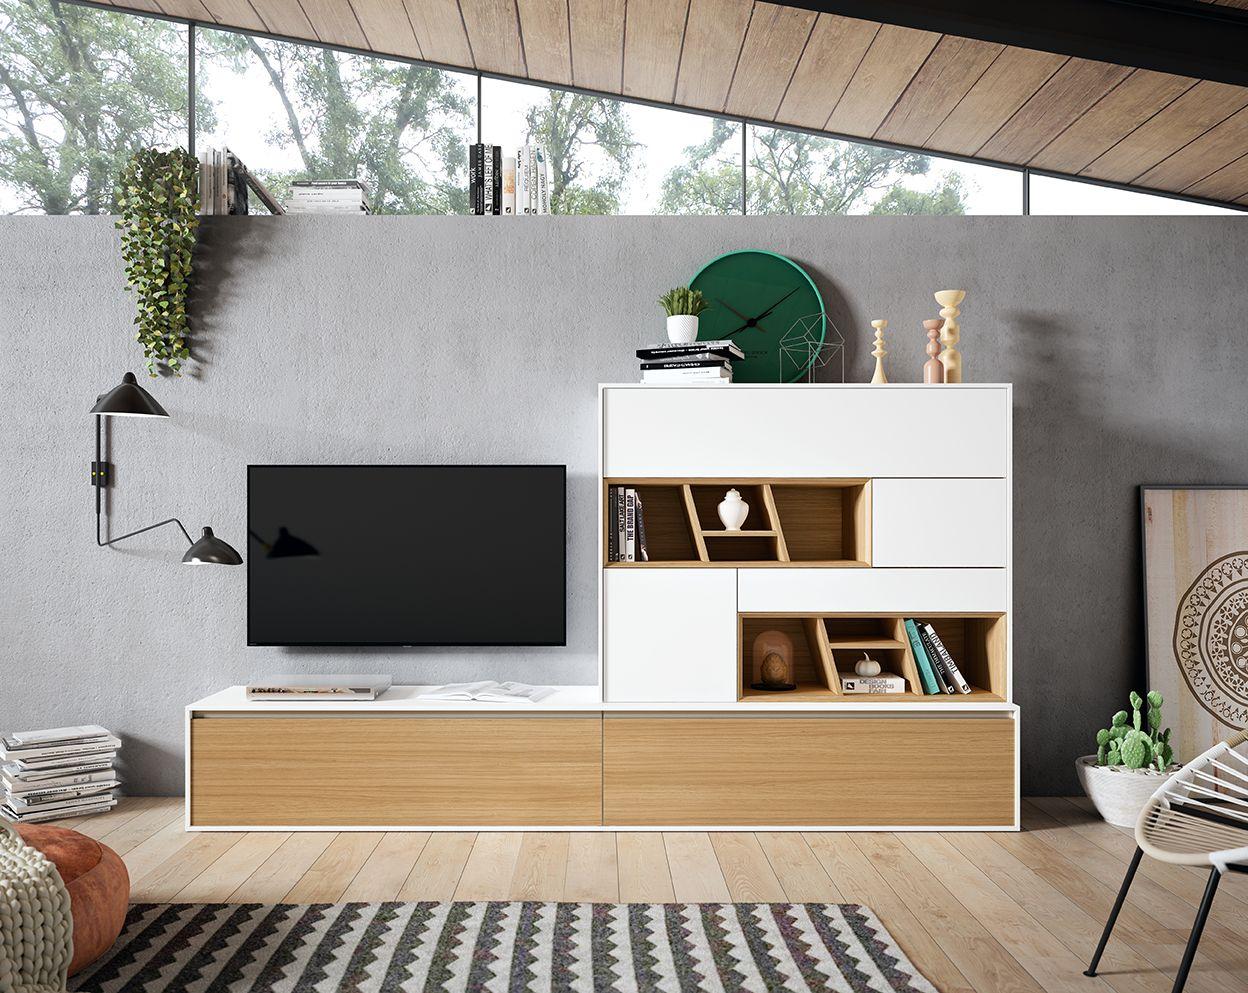 Muebles Lacados Blanco Para Salon.Mueble Para Salon Compuesto Por Bajo Con Cajones Y Alto Para